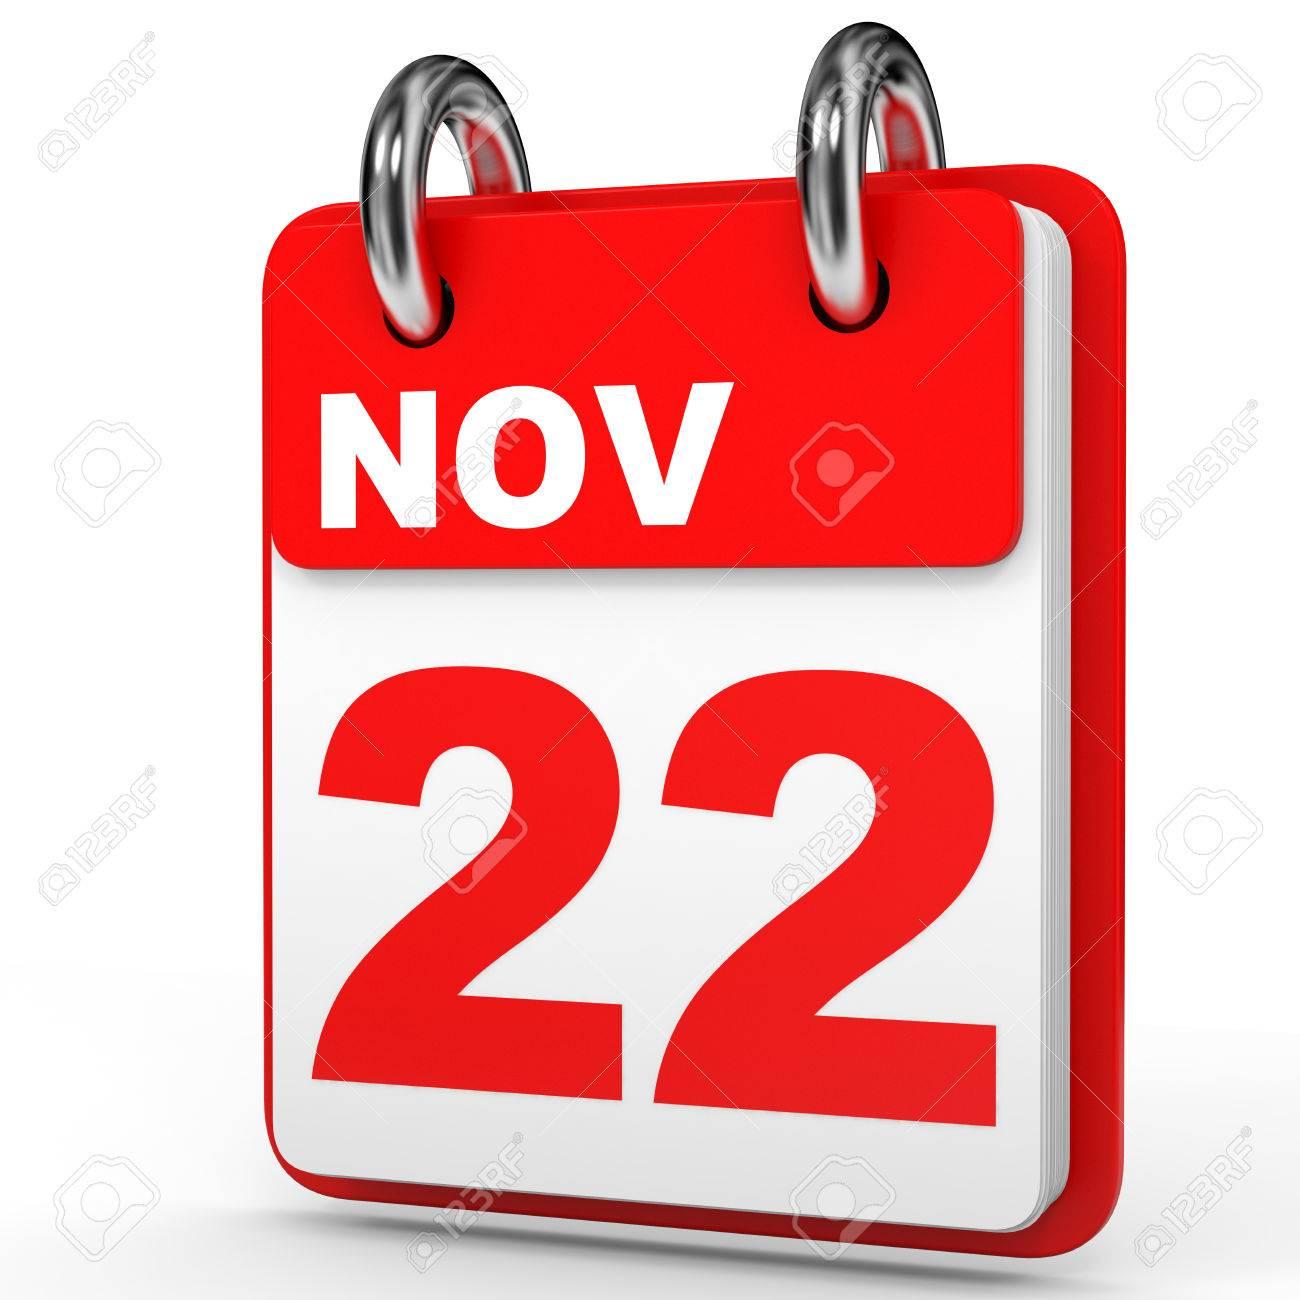 1300x1300 November 22. Calendar On White Background. 3d Illustration. Stock